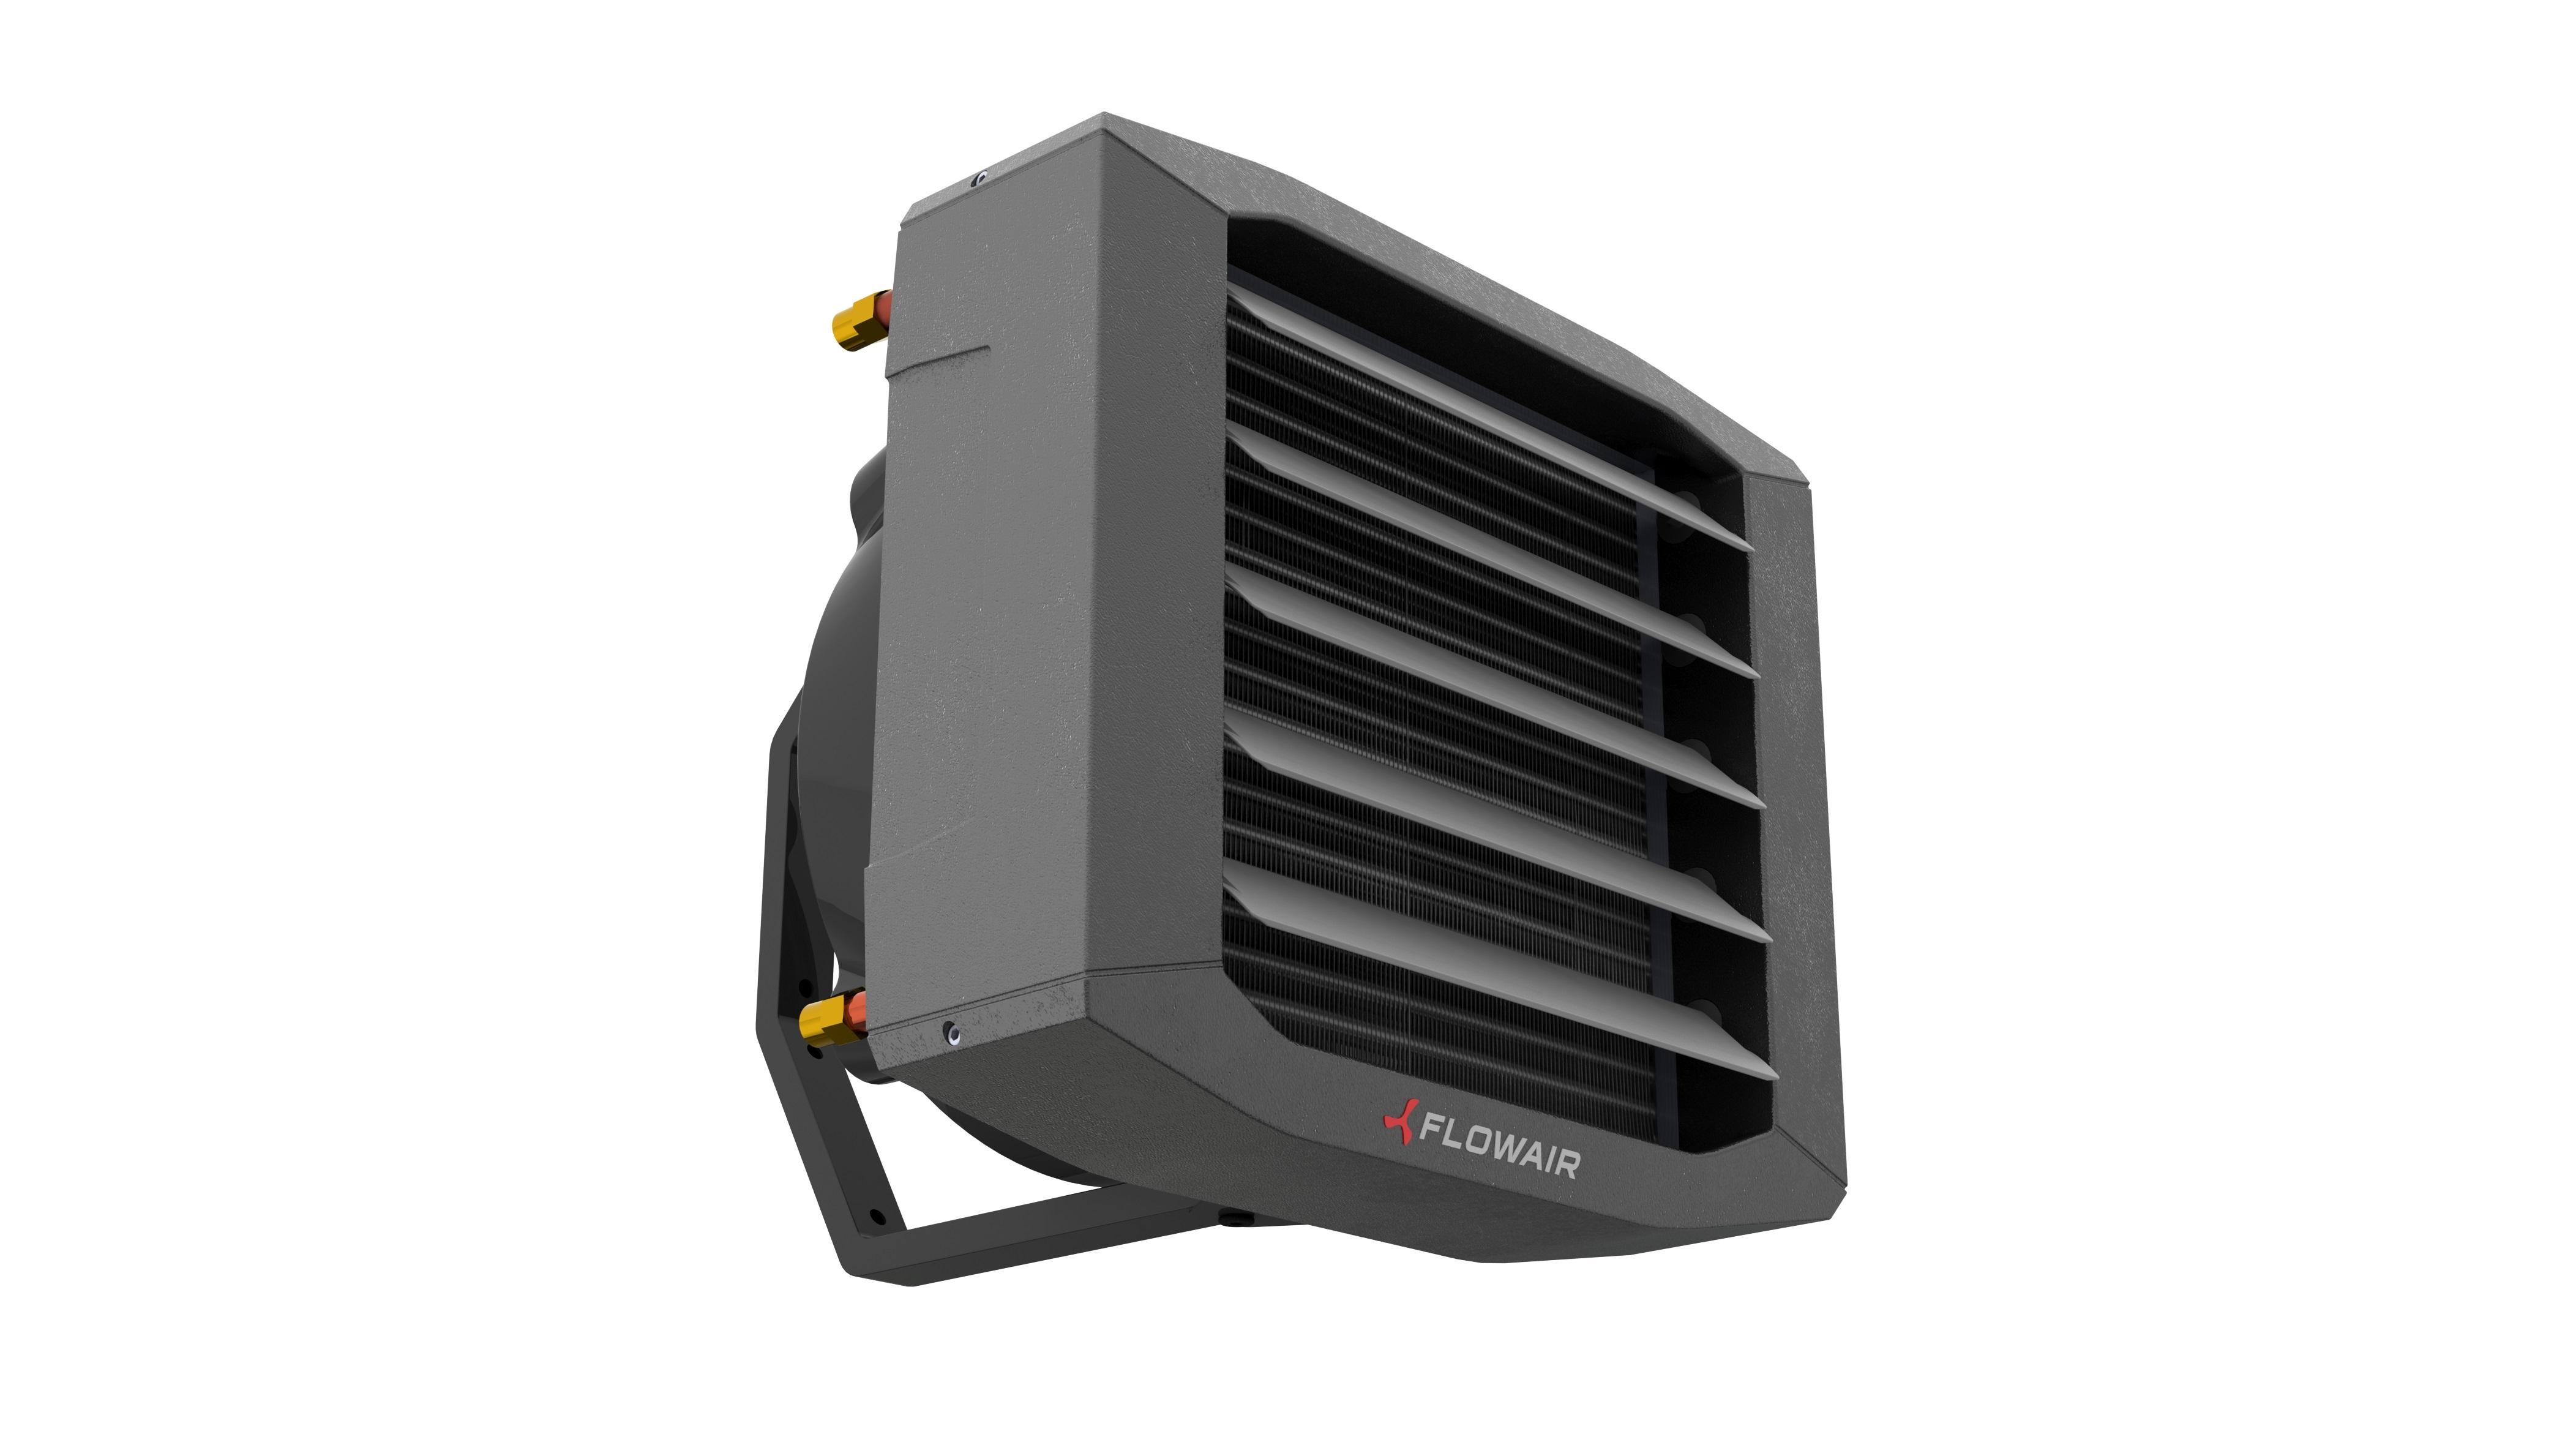 Воздушно-отопительный агрегат – виды, технические характеристики и средние цены